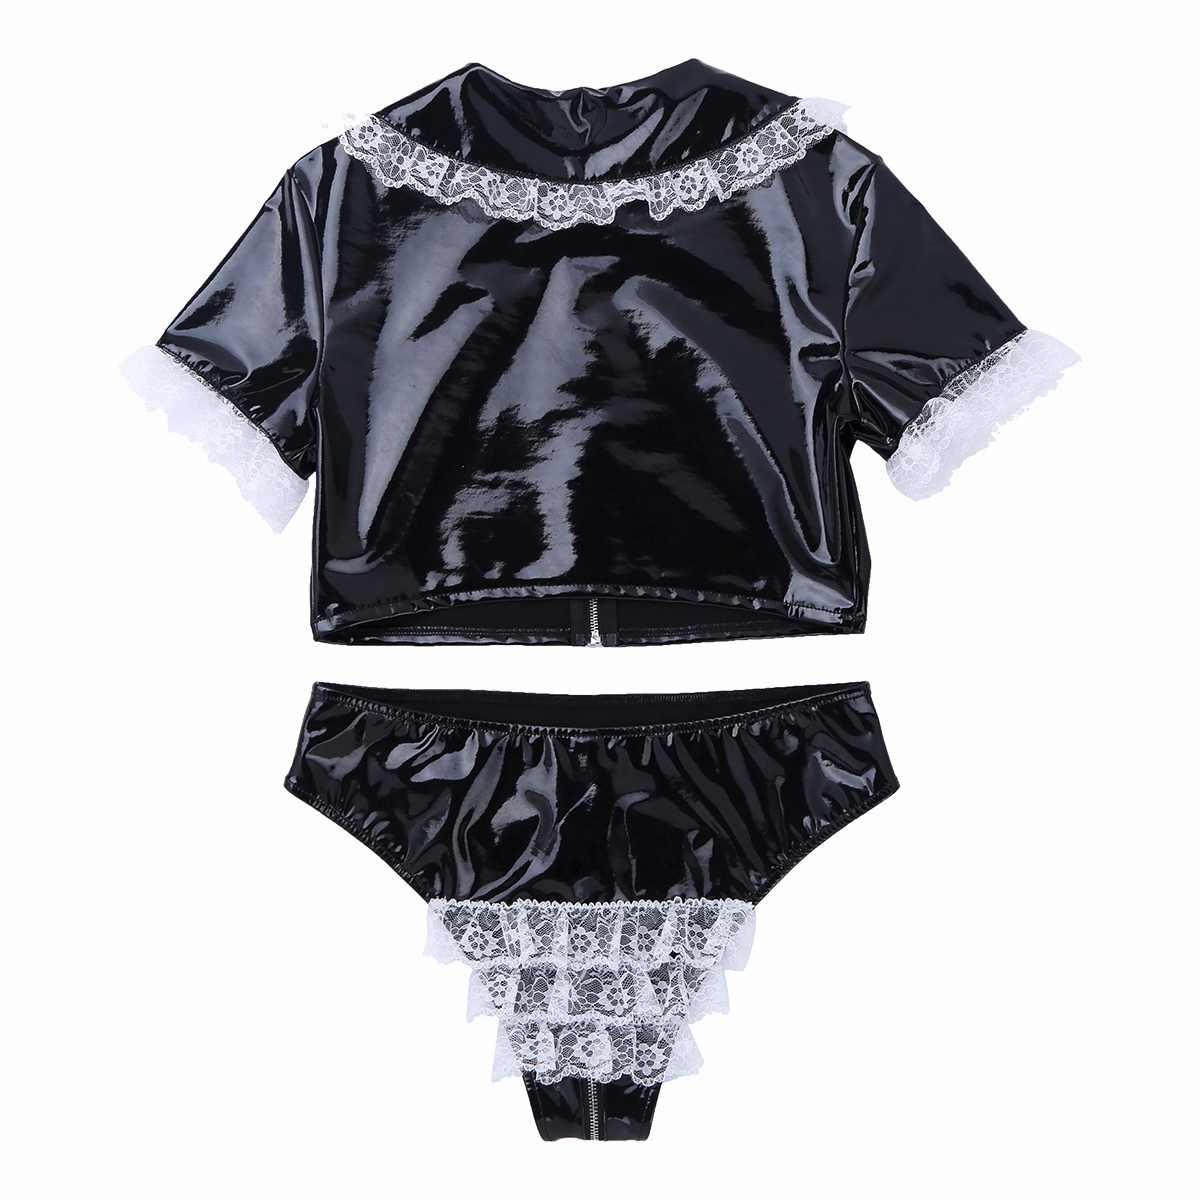 Mulheres de látex pólo dança lingerie terno molhado olhar couro patente colheita superior com zíper virilha cuecas roupa interior quente rave